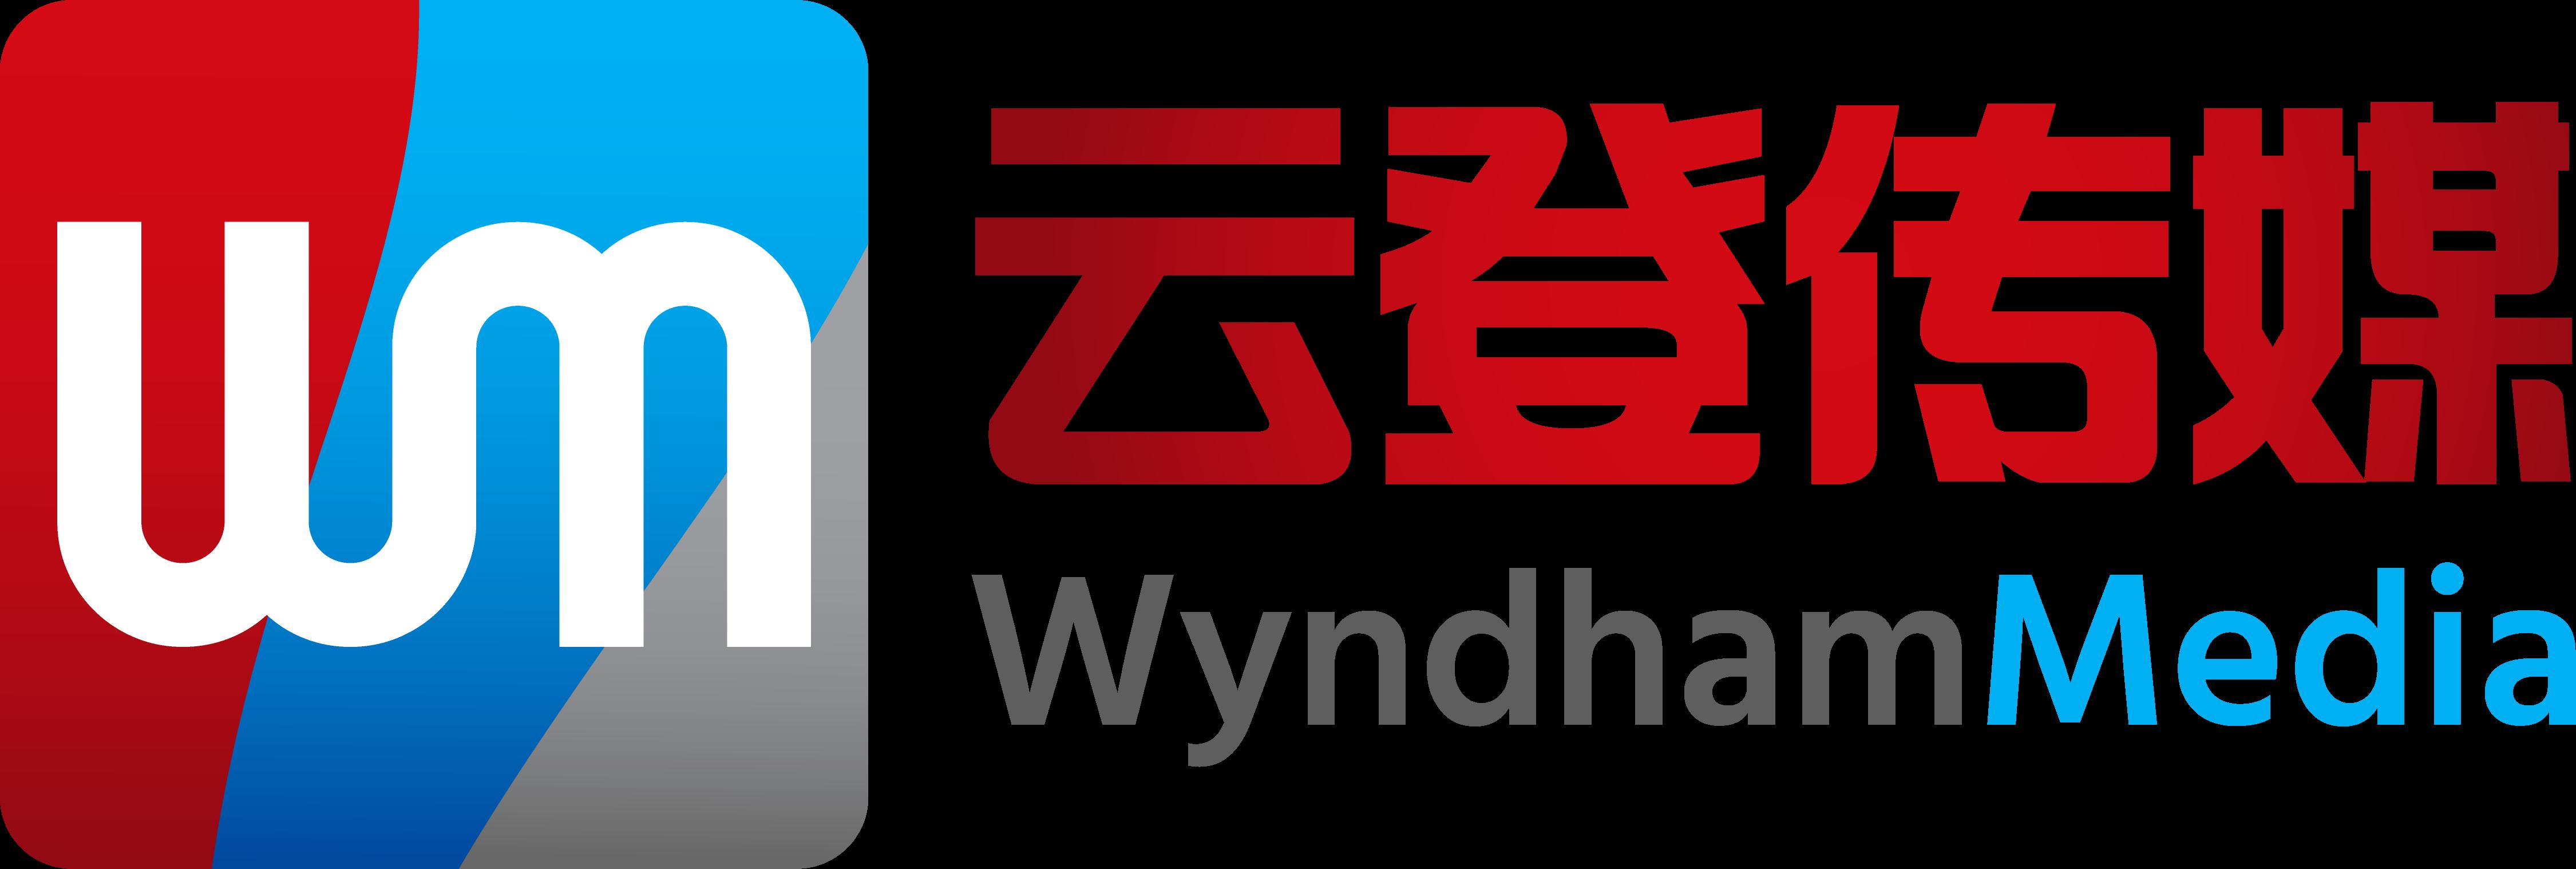 Wyndham Media